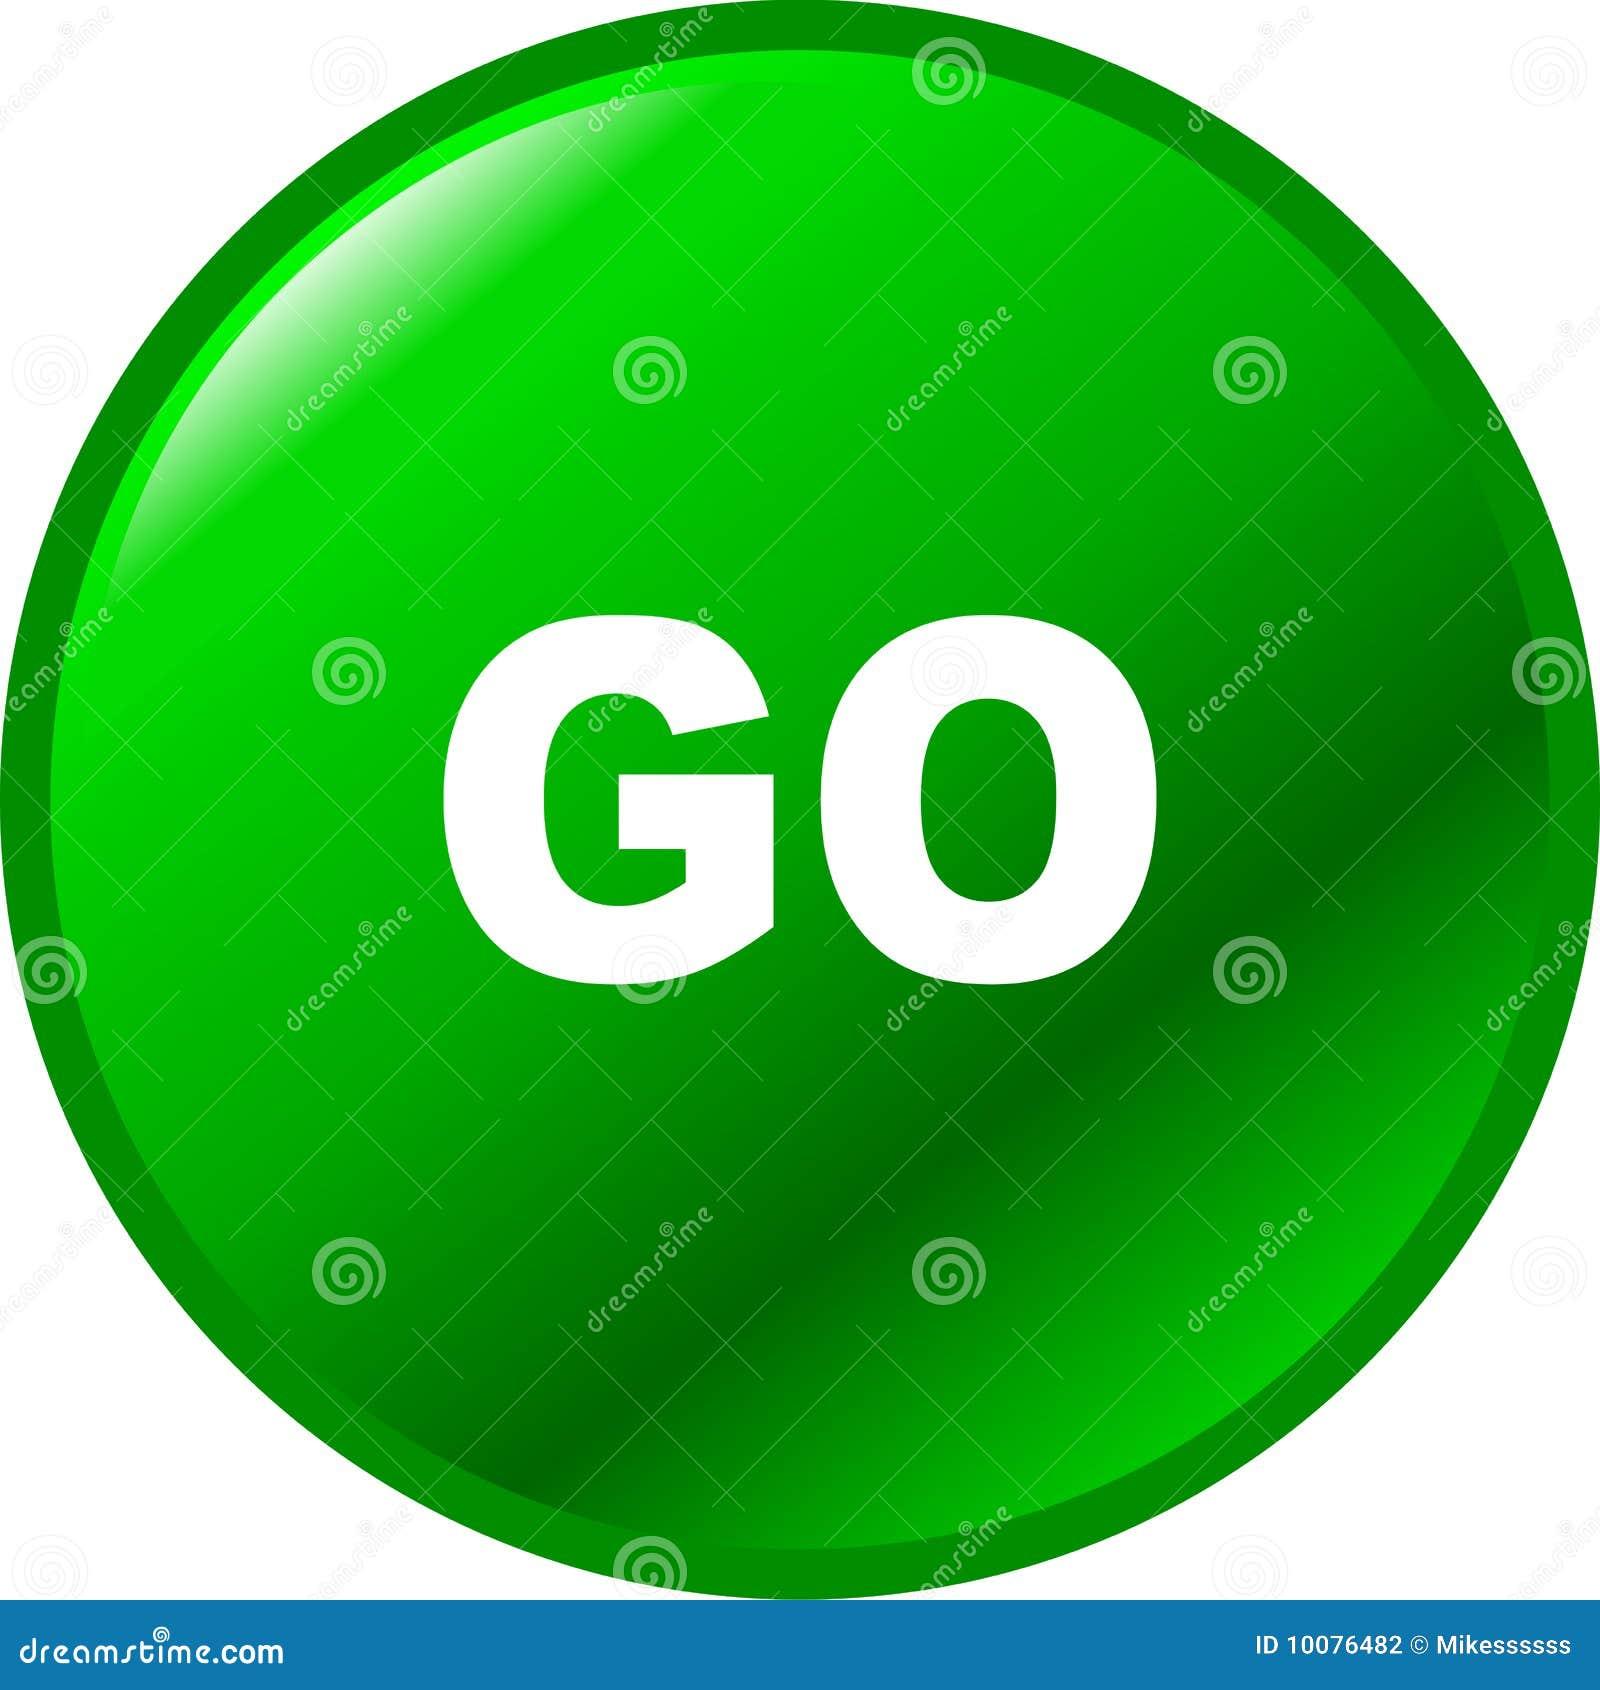 Go vector green button stock photography image 10076482 - Green button ...